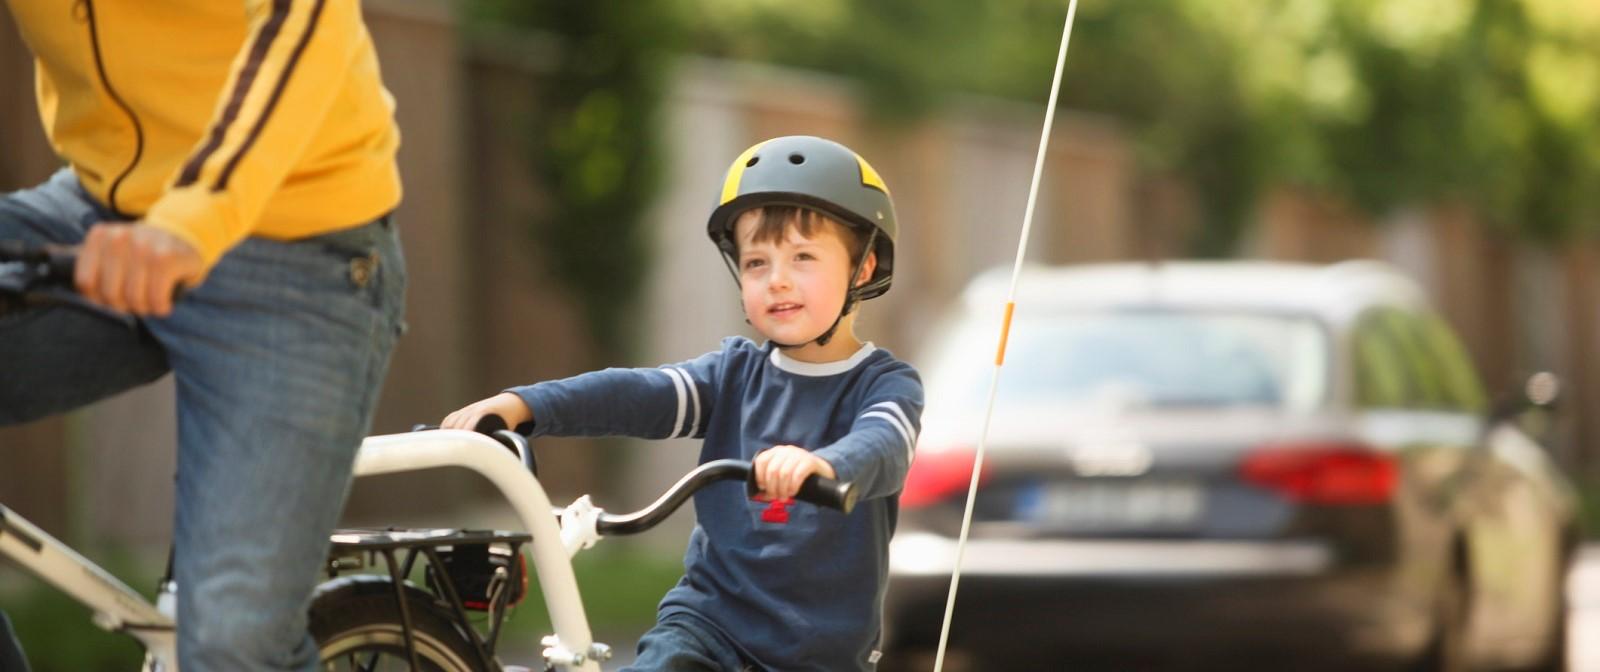 <h2>Mobiliteit & verkeersveiligheid</h2><div>Voor een veilige en groene mobiliteit op maat van de stad.</div>